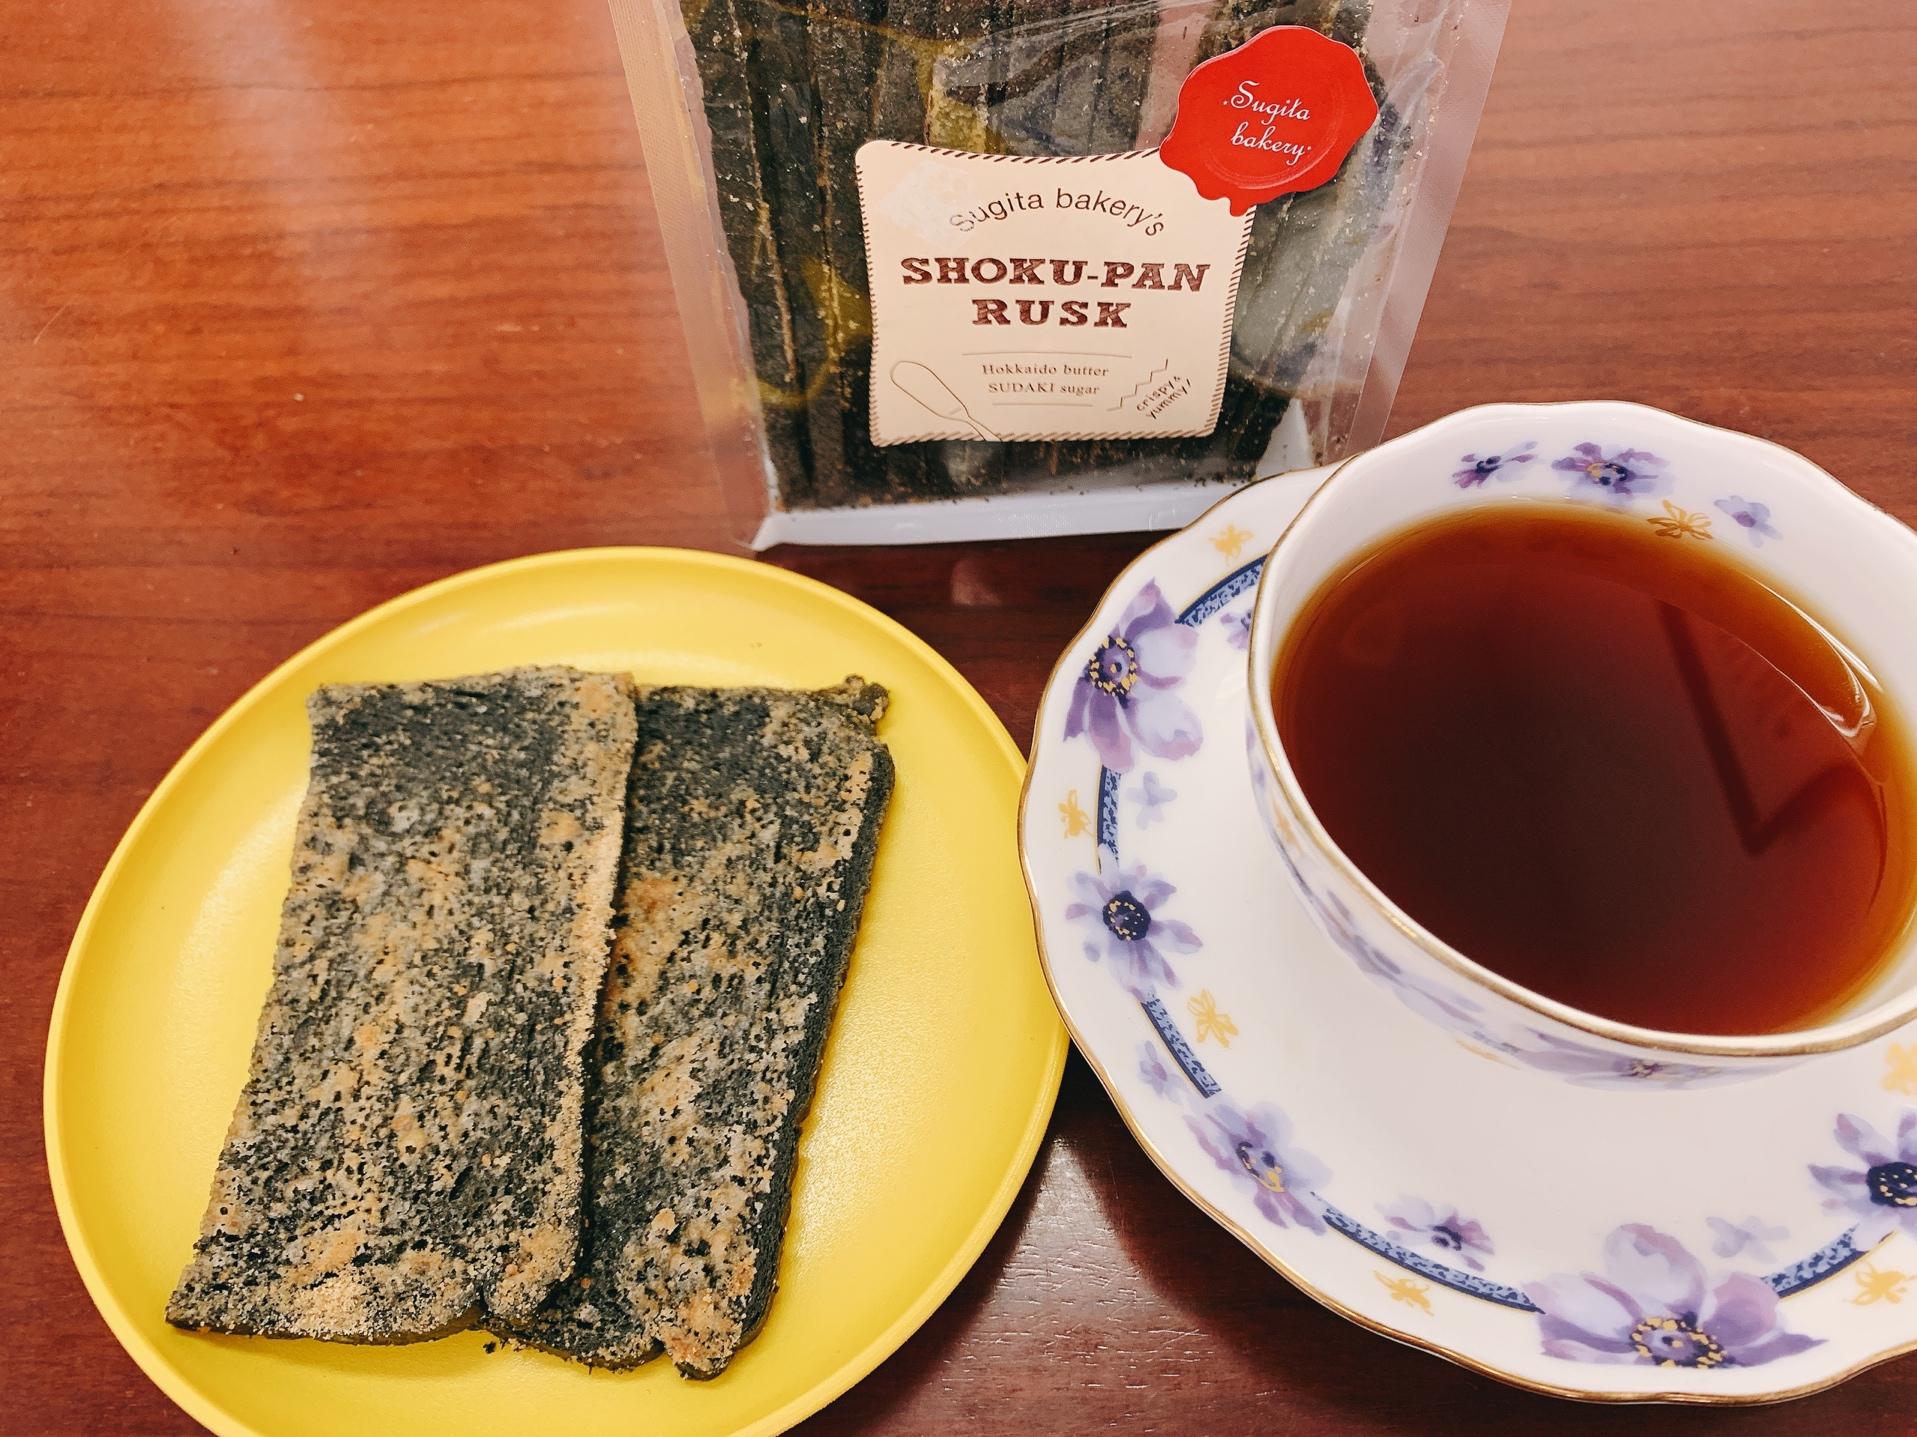 竹炭の食パンラスク/スギタベーカリー